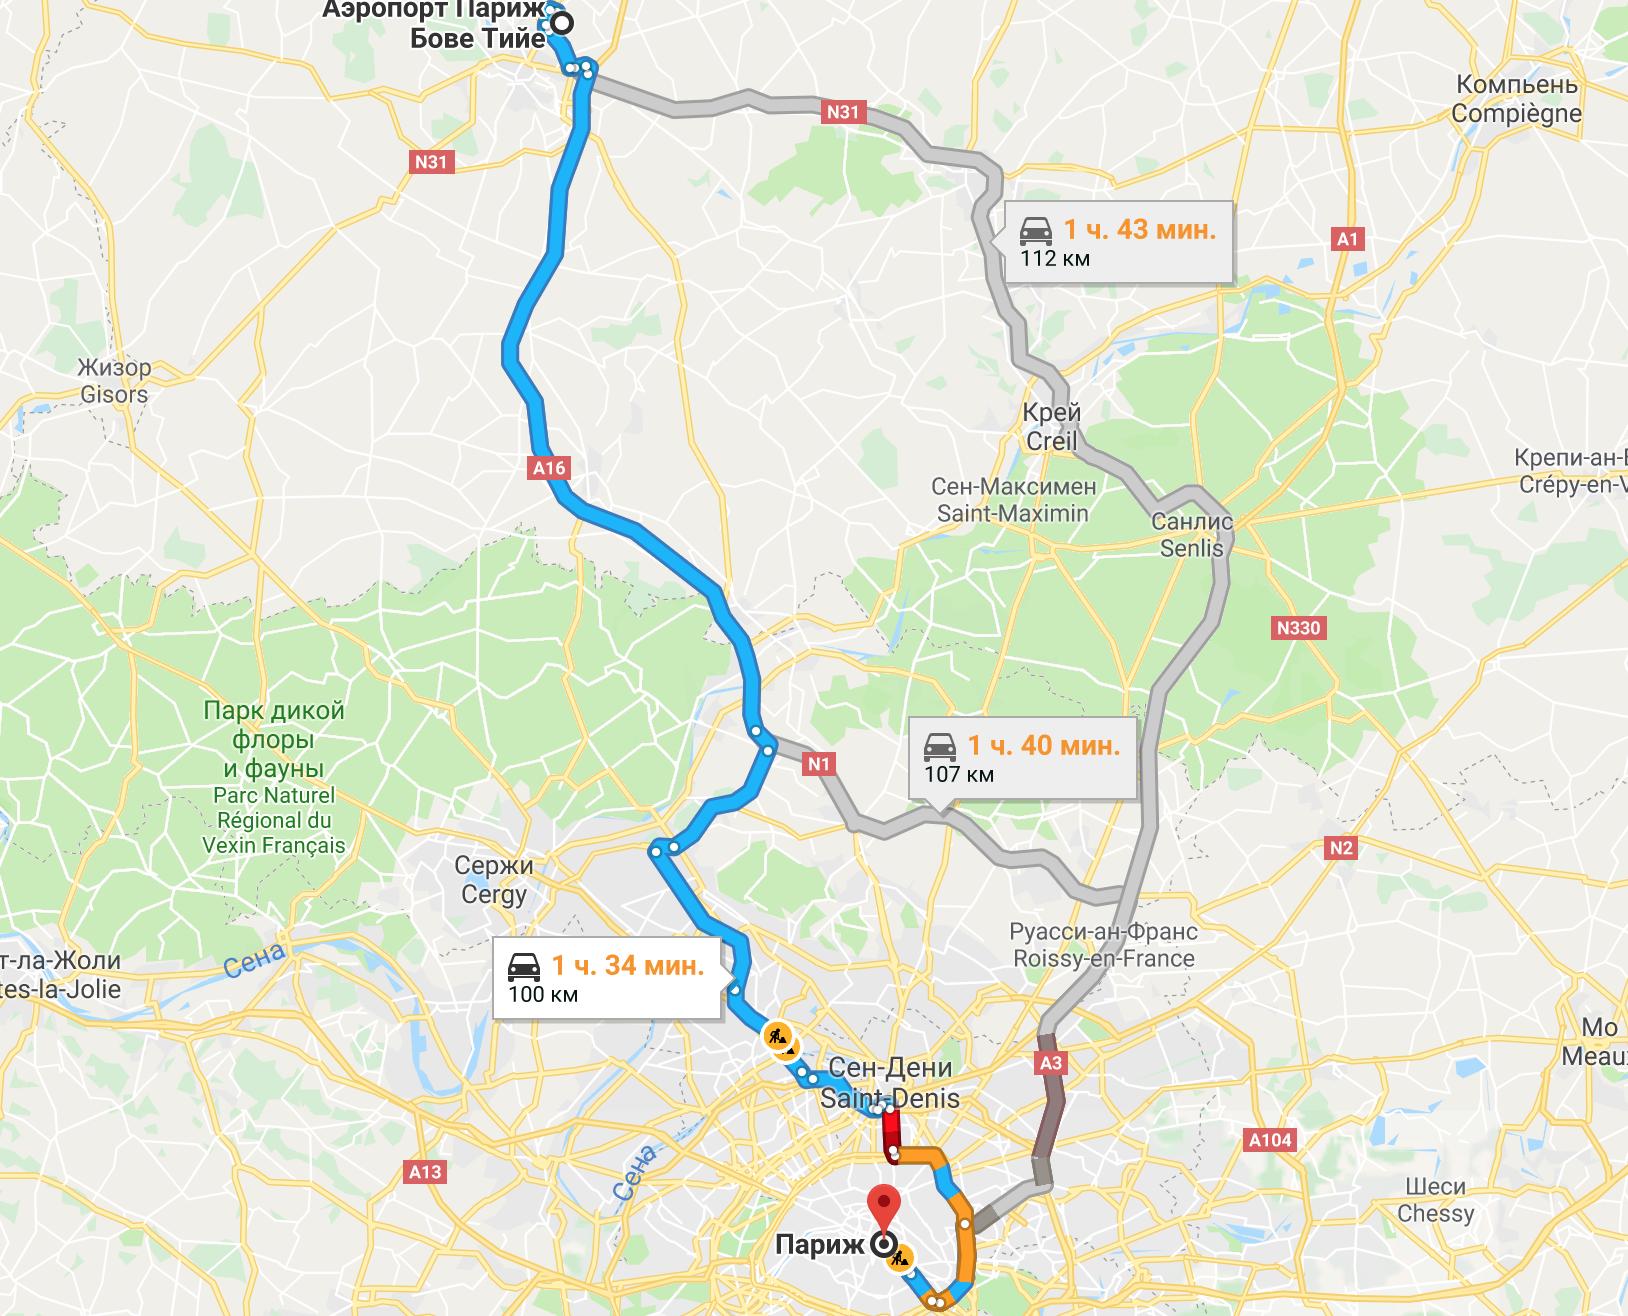 Маршрут от аэропорта Бове в Париж